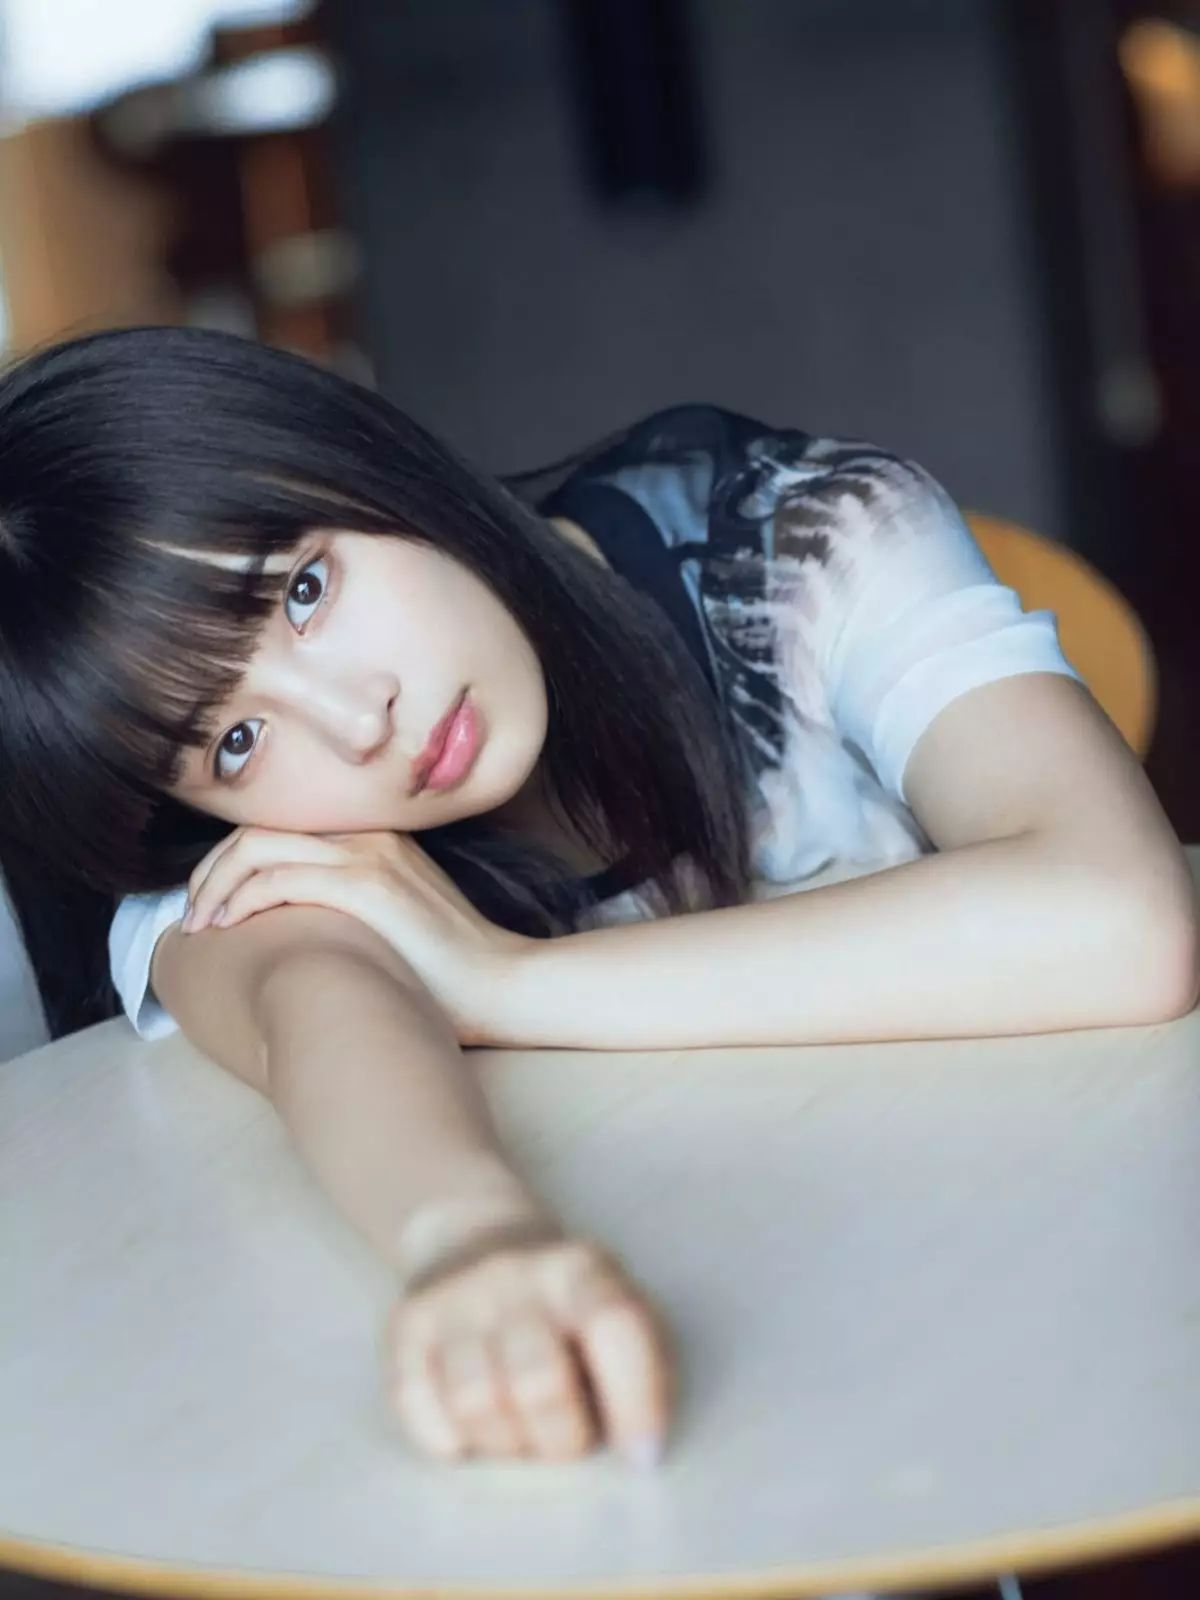 20神颜美少女却黑历史比较多的广濑丝丝写真作品 (57)